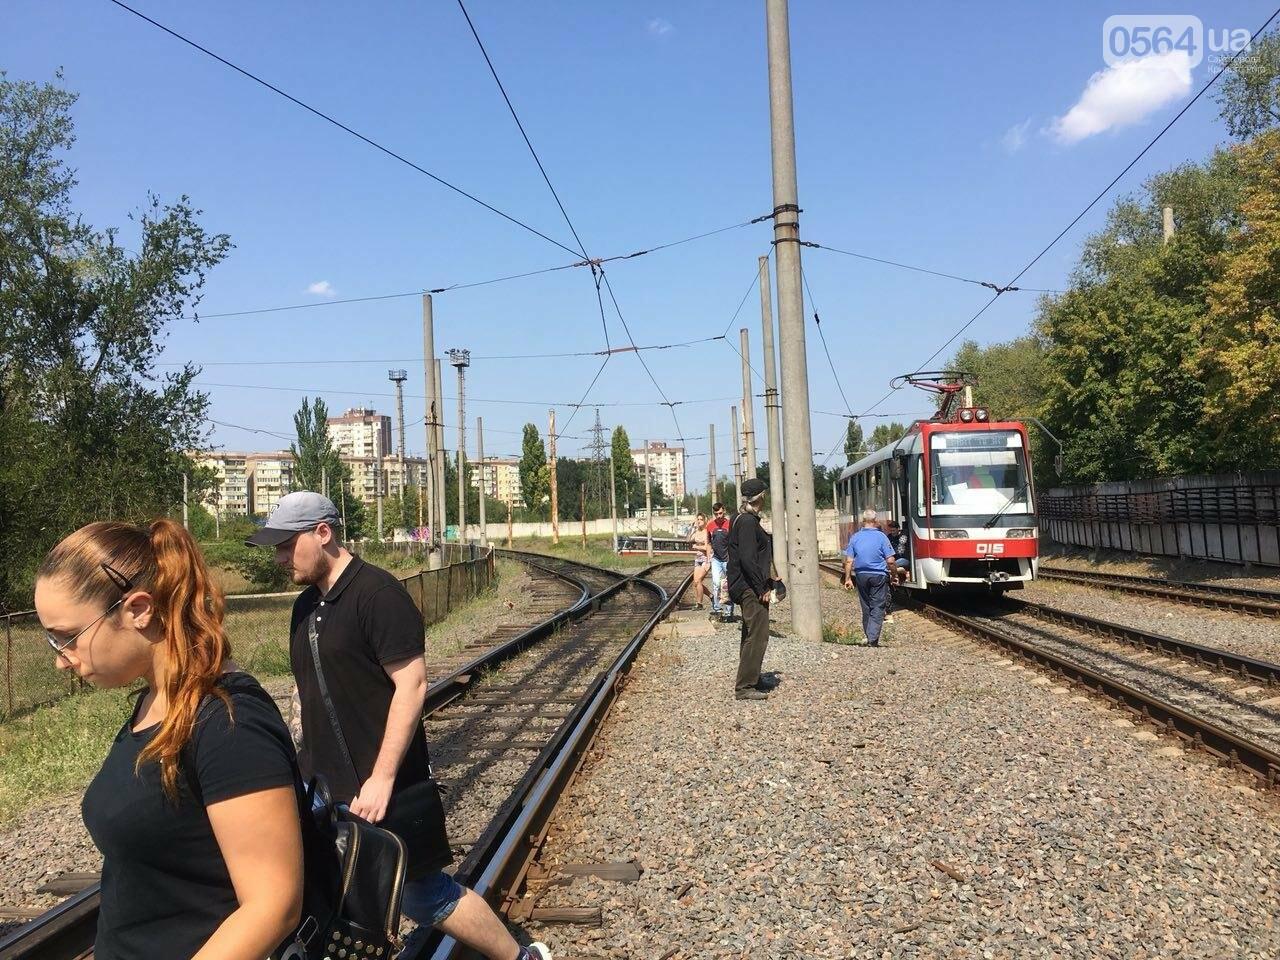 Из-за поломки скоростного трамвая, криворожане шли до ближайшей станции по рельсам, - ФОТО , фото-6